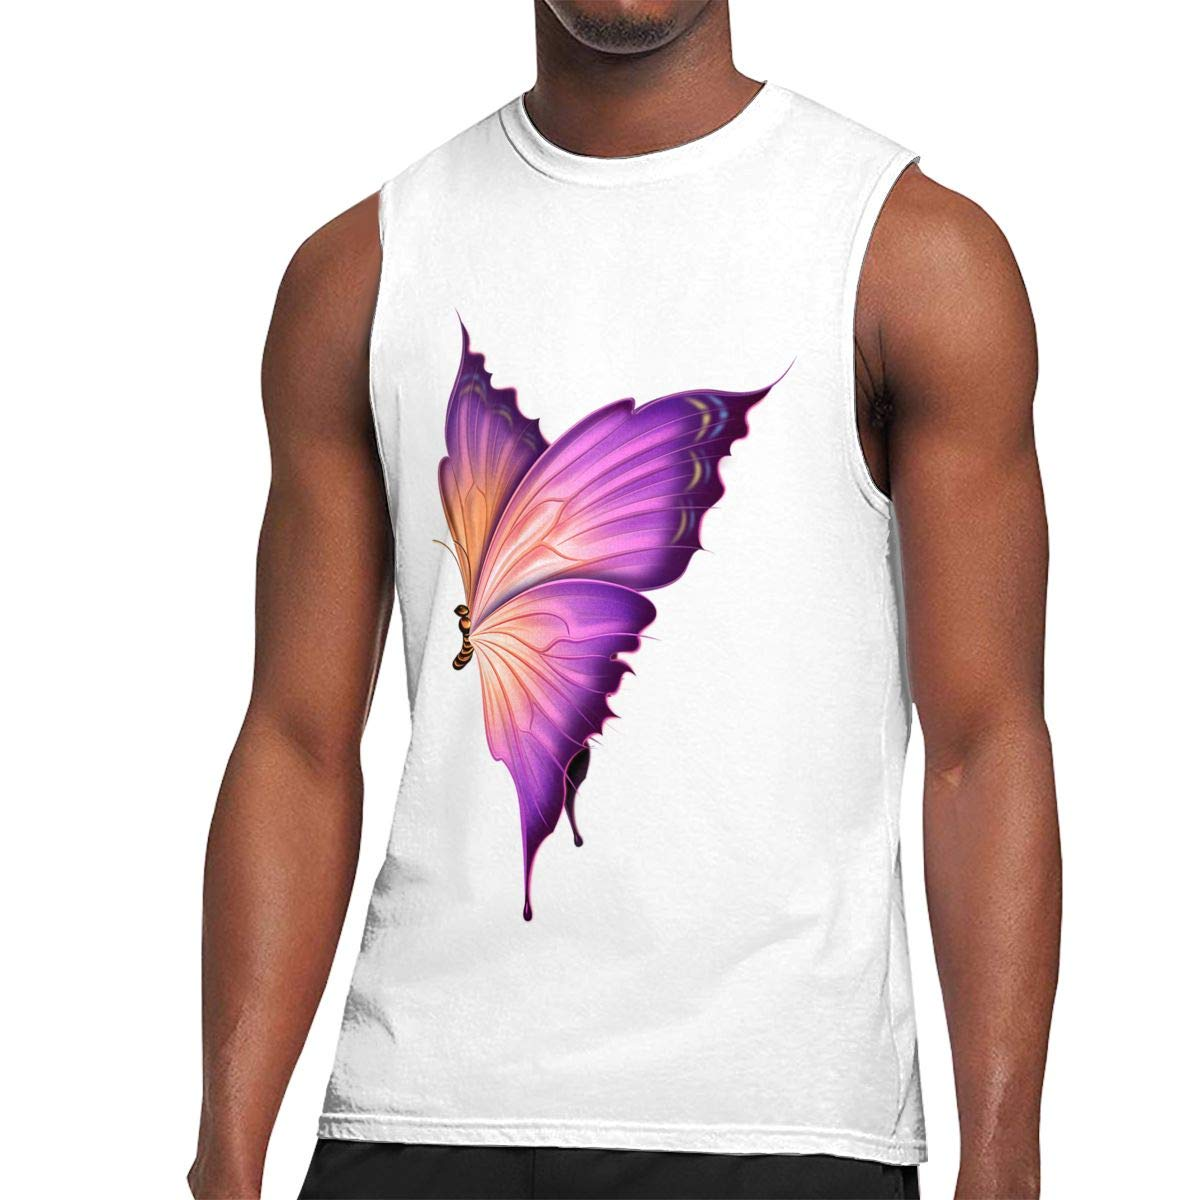 S Muscle Tank Top Softball Butterfly Gym Trainingtech Running Activewear Shirts